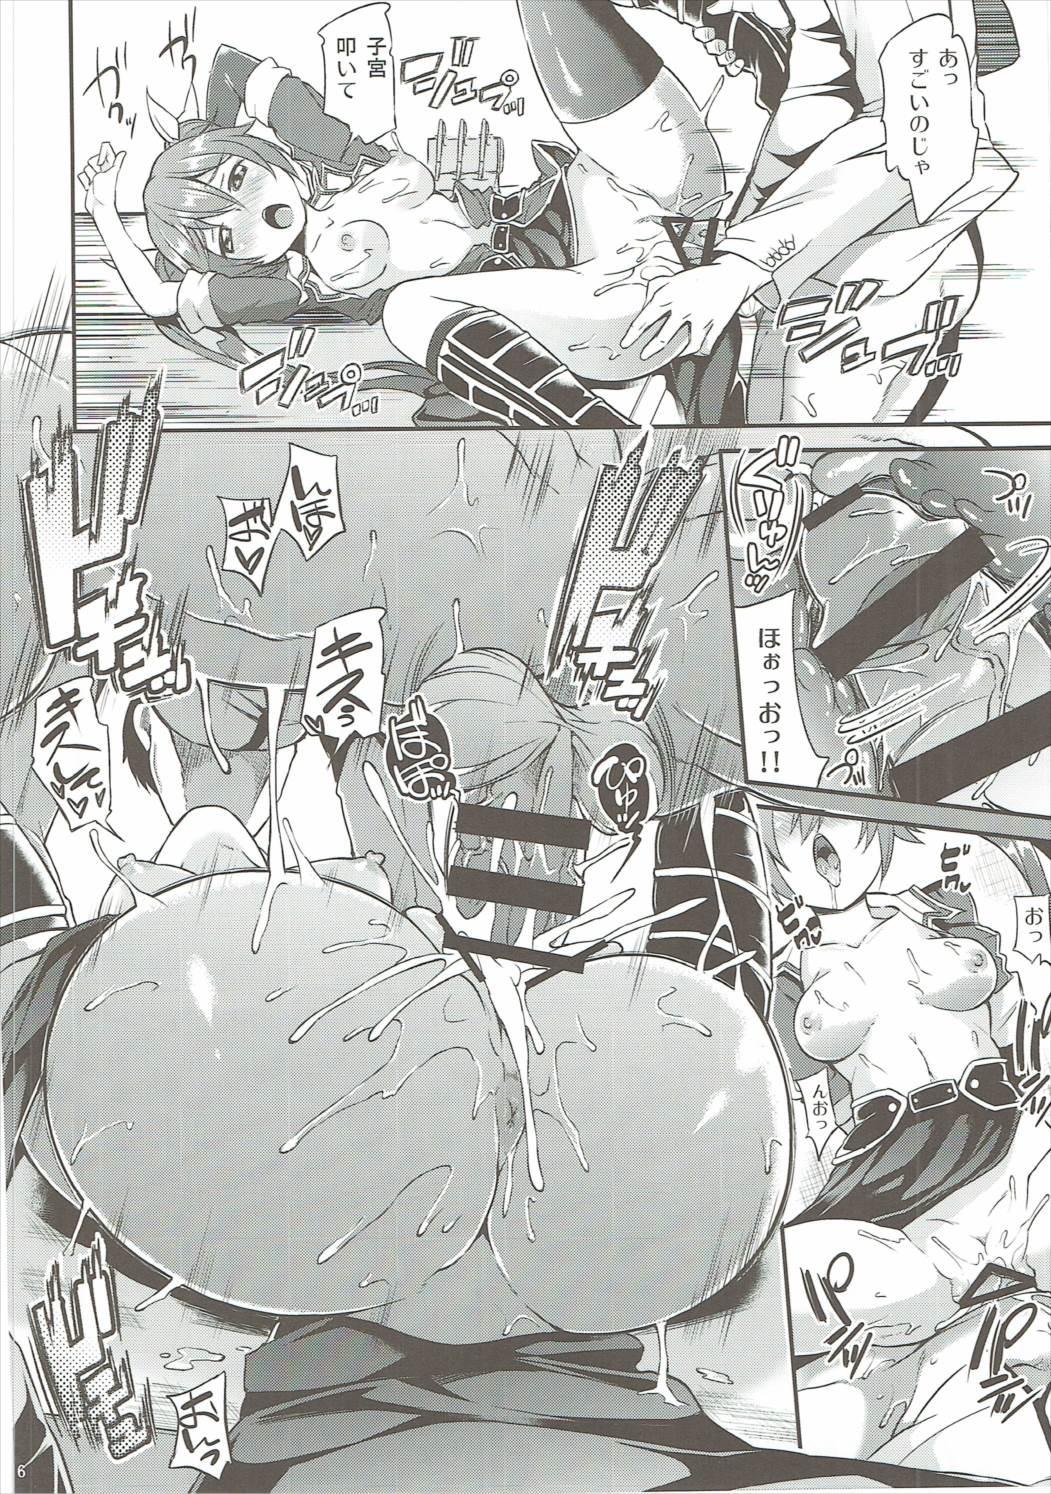 【艦これ エロ漫画・エロ同人】利根と龍驤がケンカした結果、どちらが提督を満足させられるかで勝負することにwwwww (17)